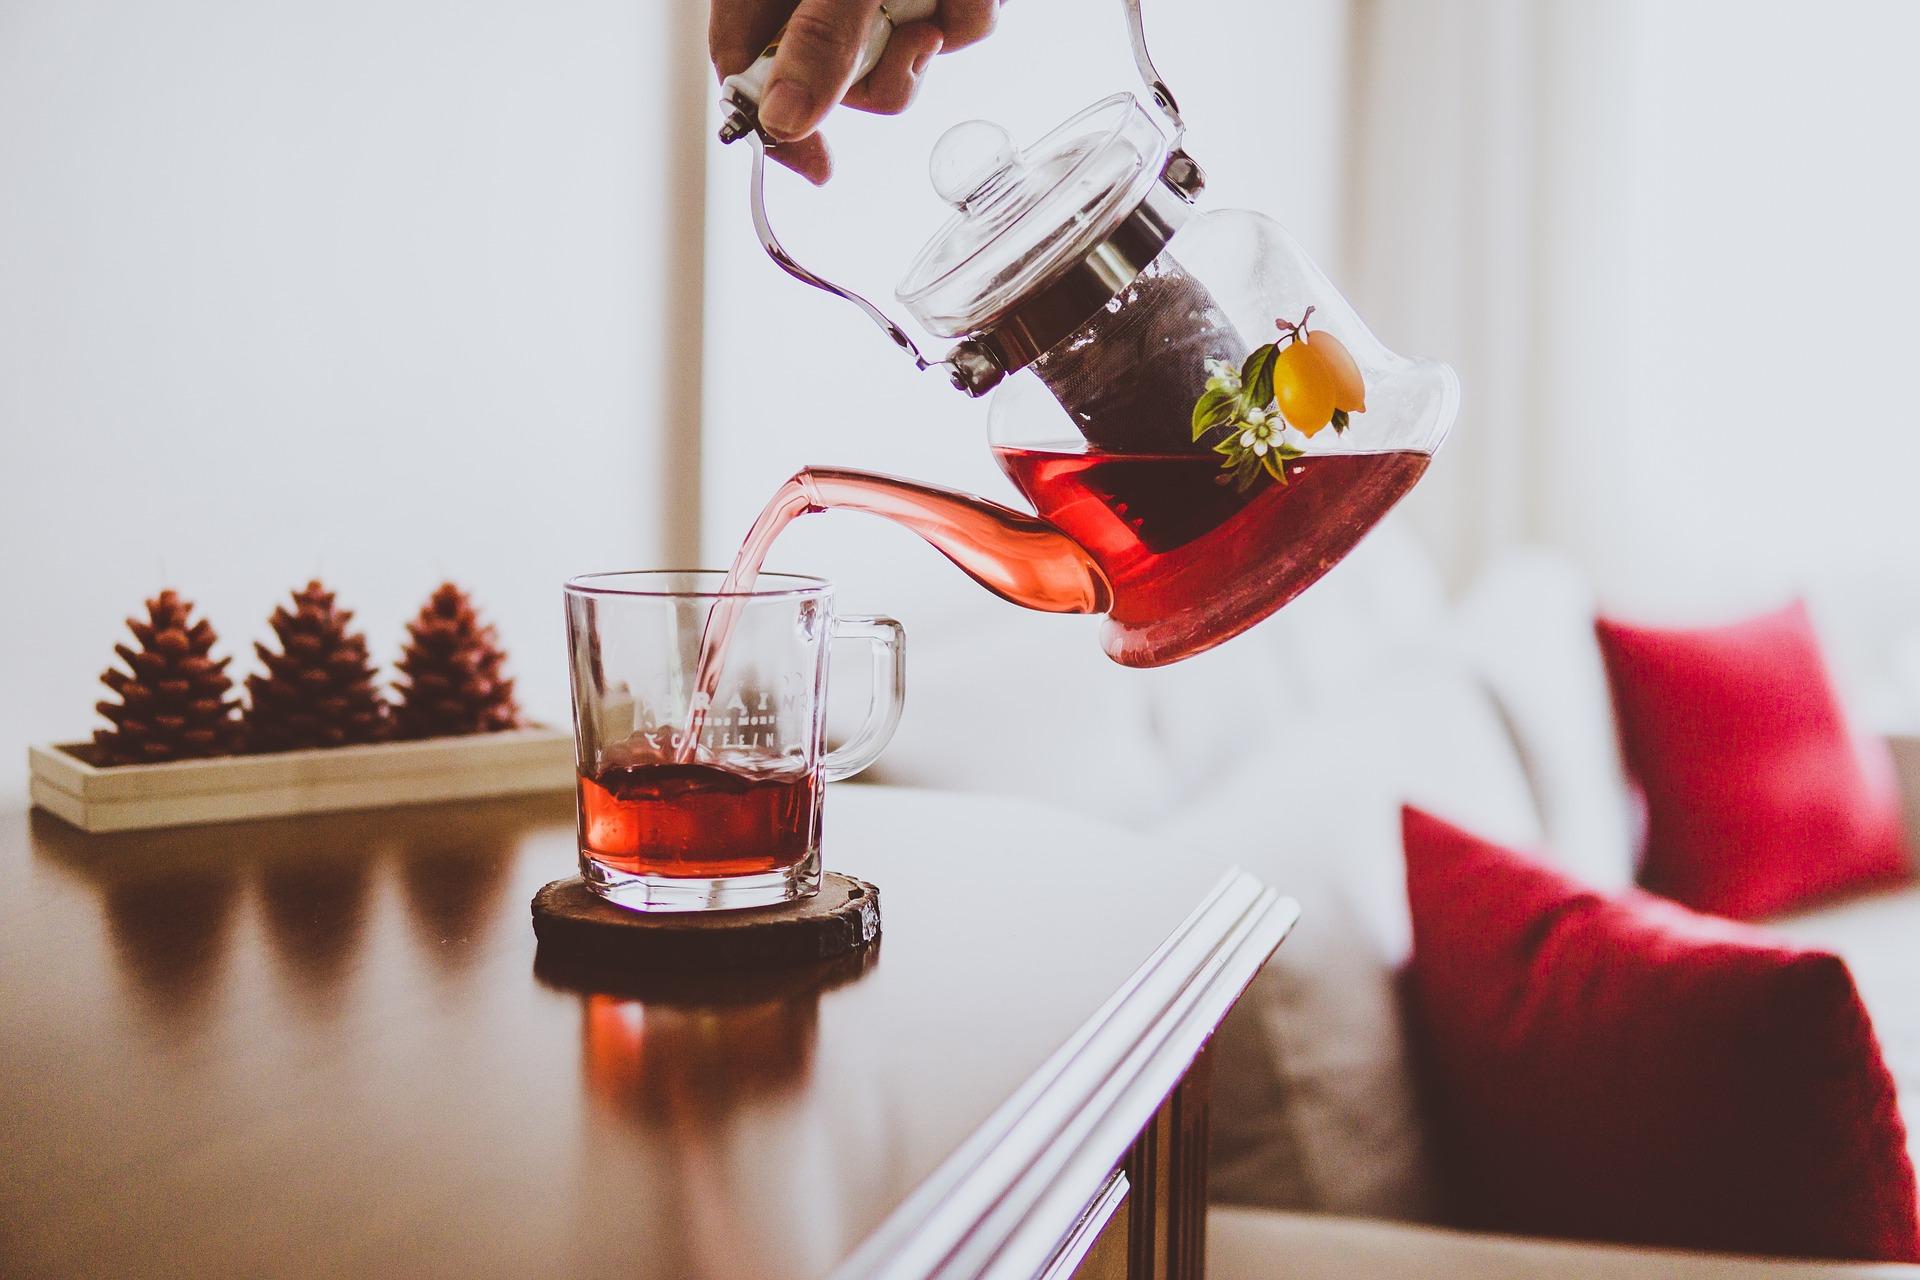 【オススメ】ダイエット中に飲むべき飲み物8選、おすすめの飲み方や注意する飲み物など徹底解説